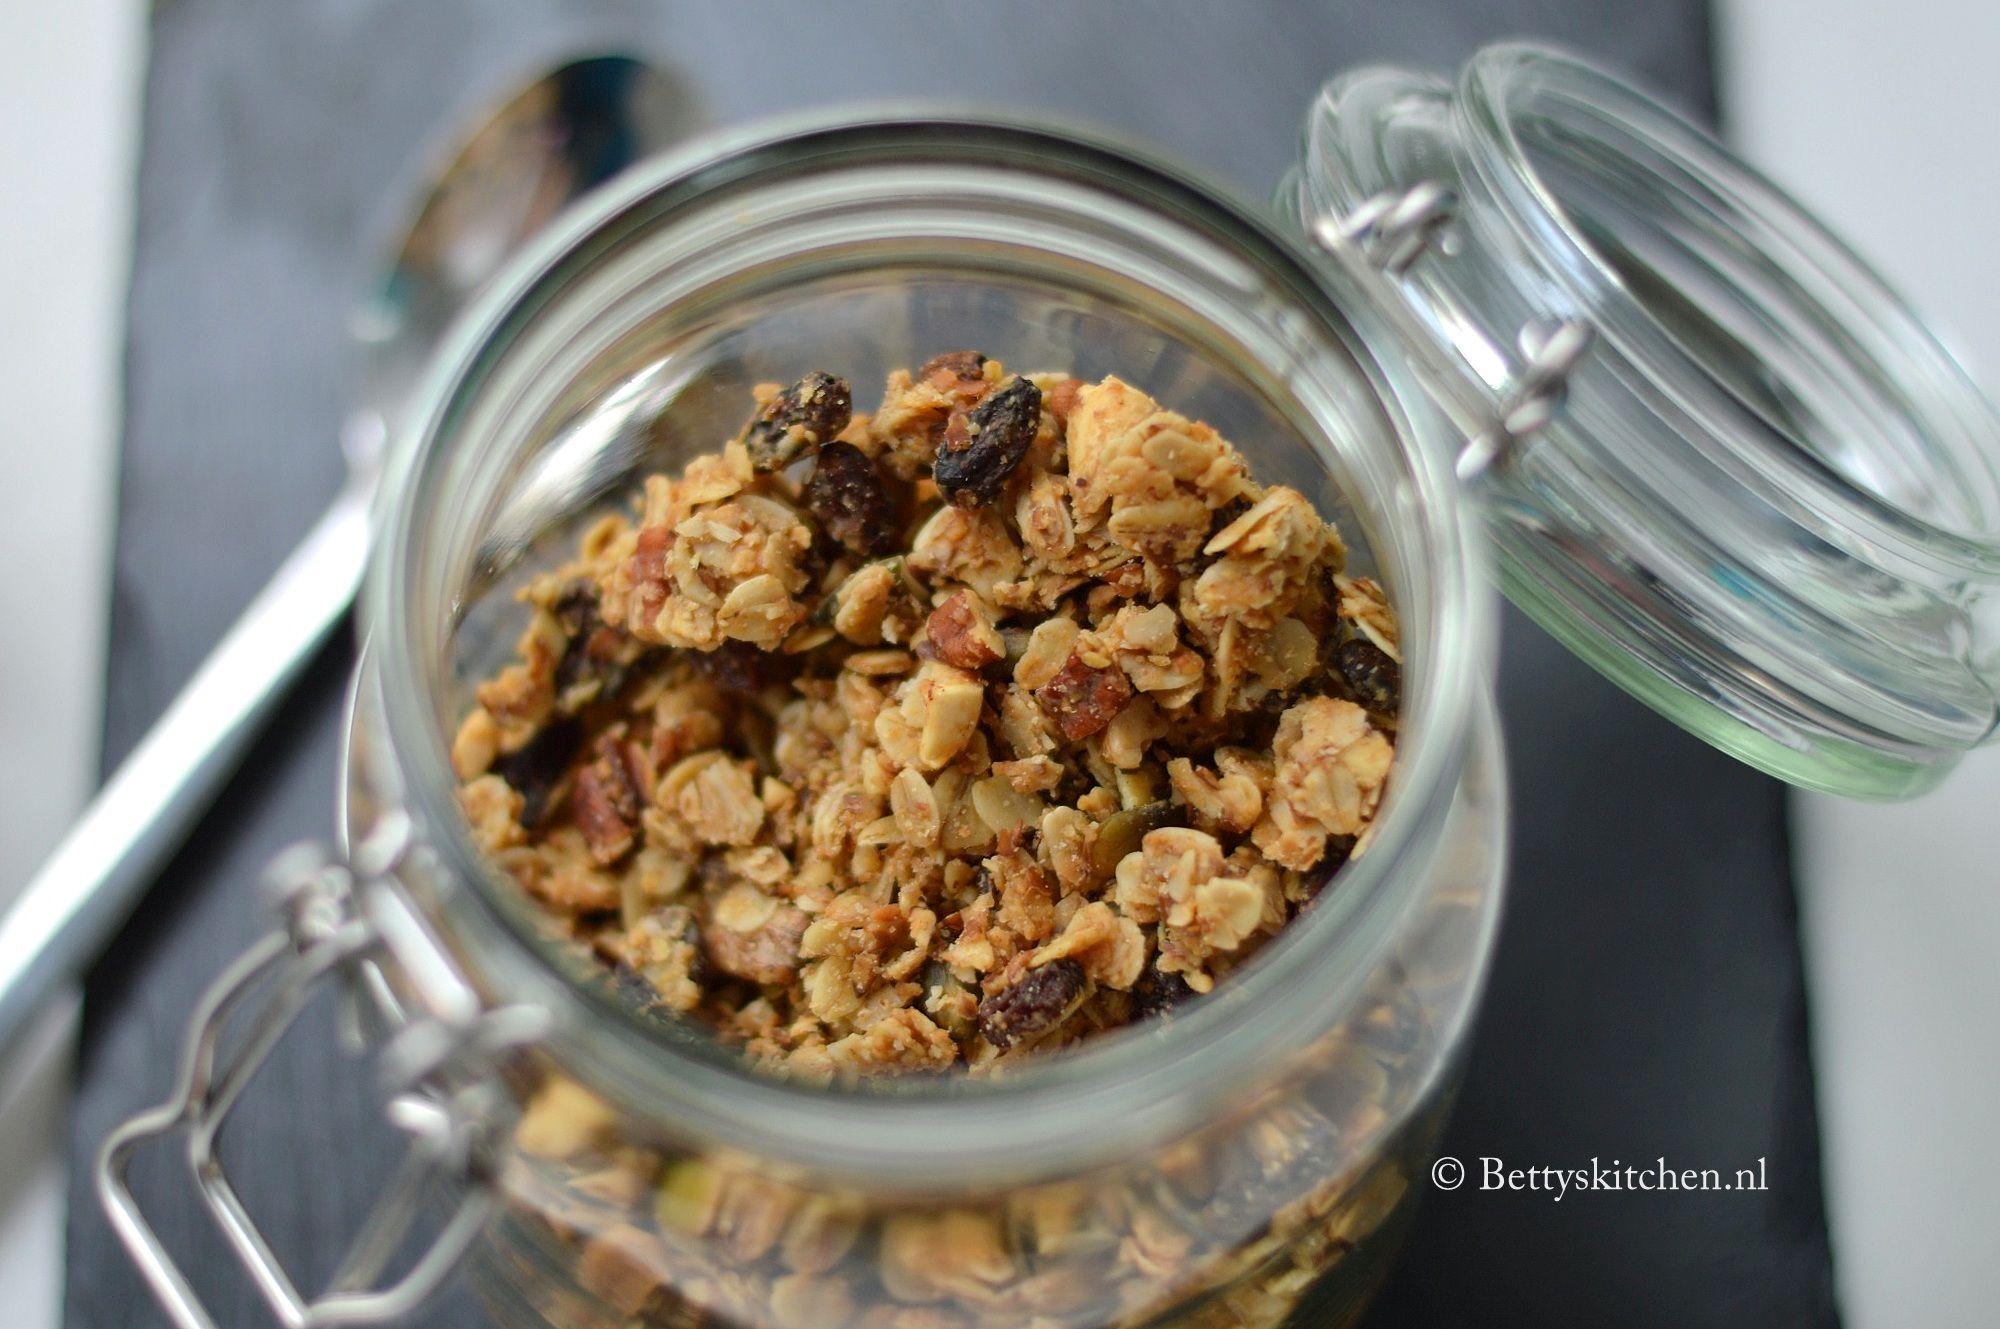 Voor wie geen genoegen kan krijgen van pindakaas: Ontbijt eens met homemade granola met pindakaas door de yoghurt of kwark. Of knabbel uit het vuistje...